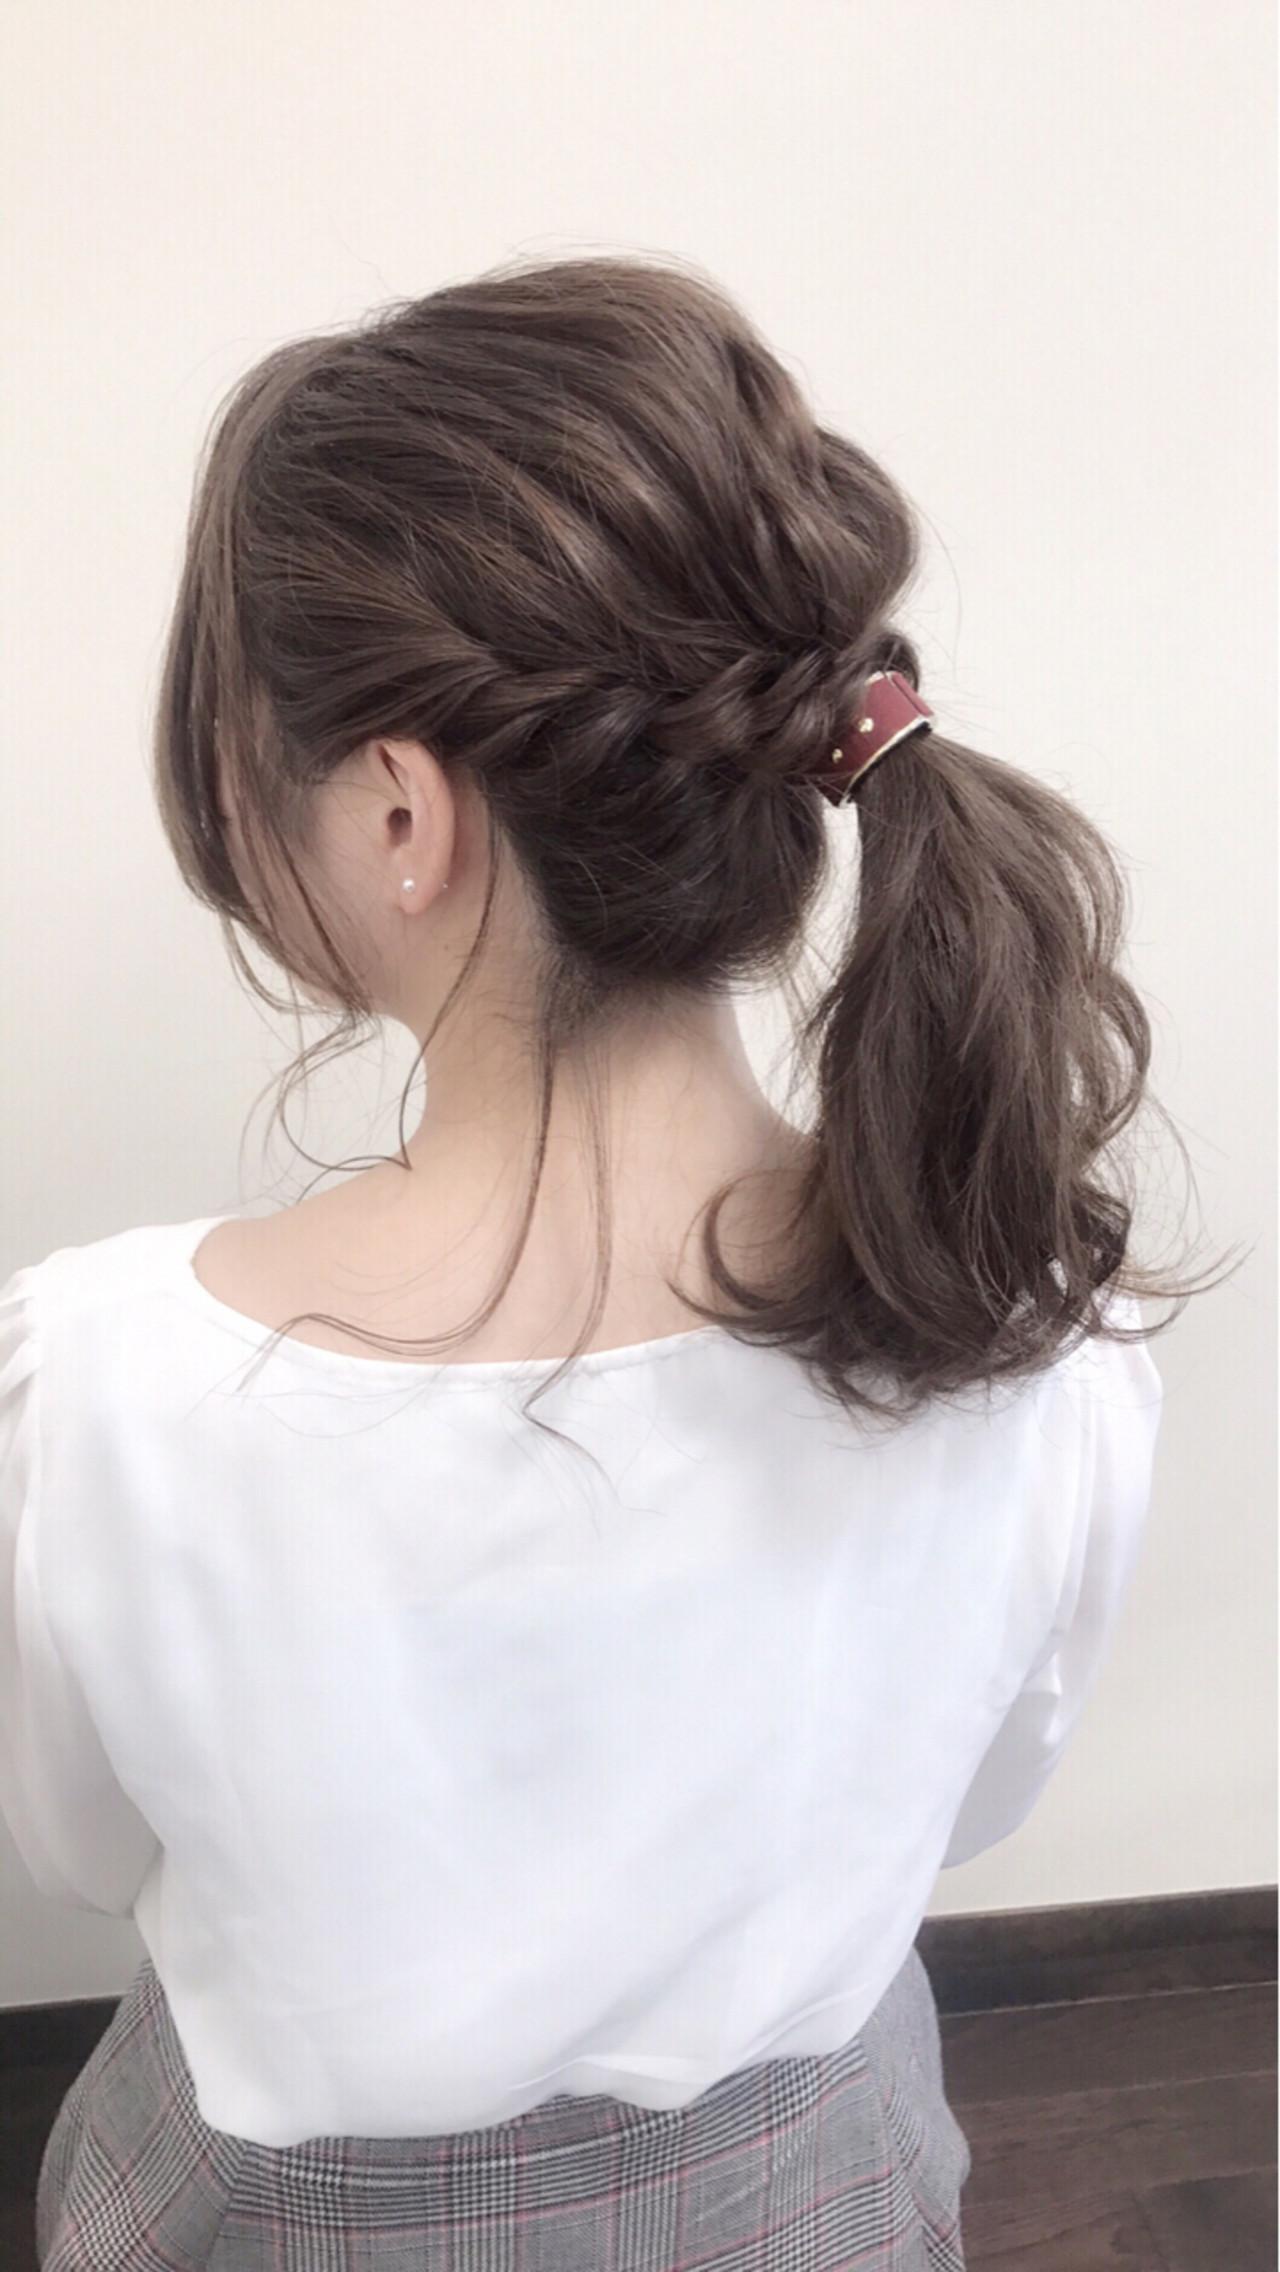 サイドにねじりを入れると崩れにくいまとめ髪に 沢田 瞳